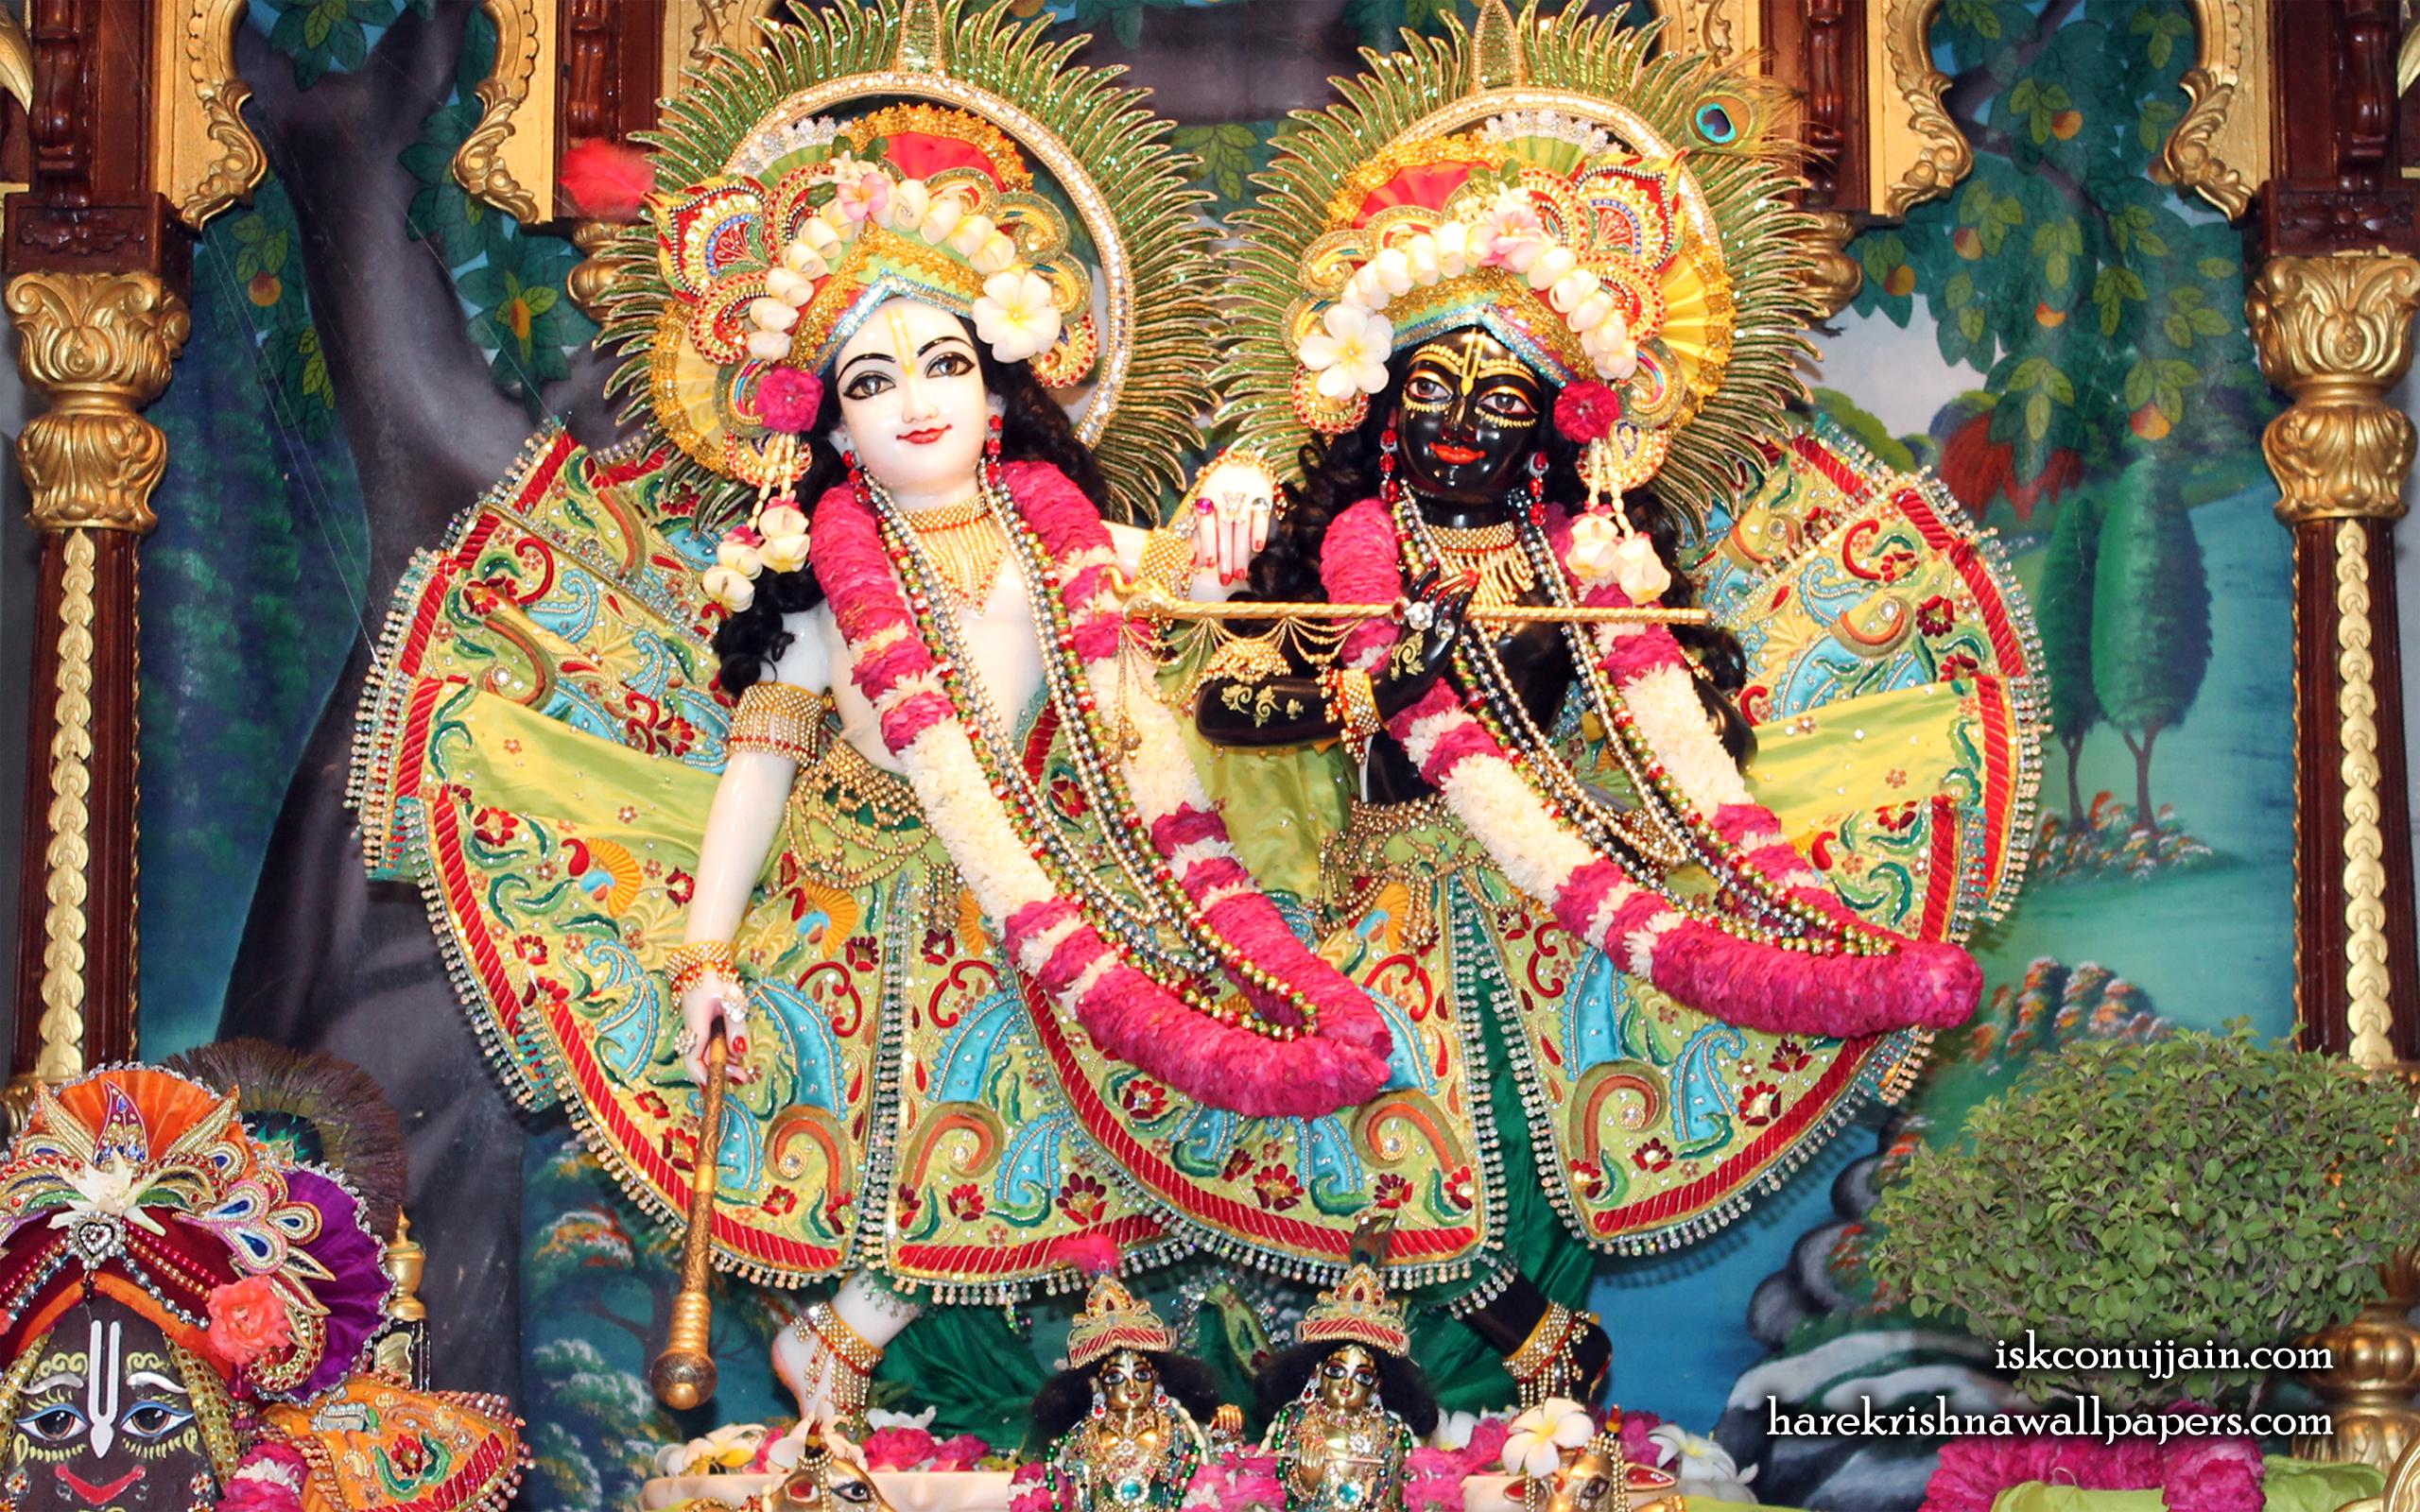 Sri Sri Krishna Balaram Wallpaper (010) Size 2560x1600 Download